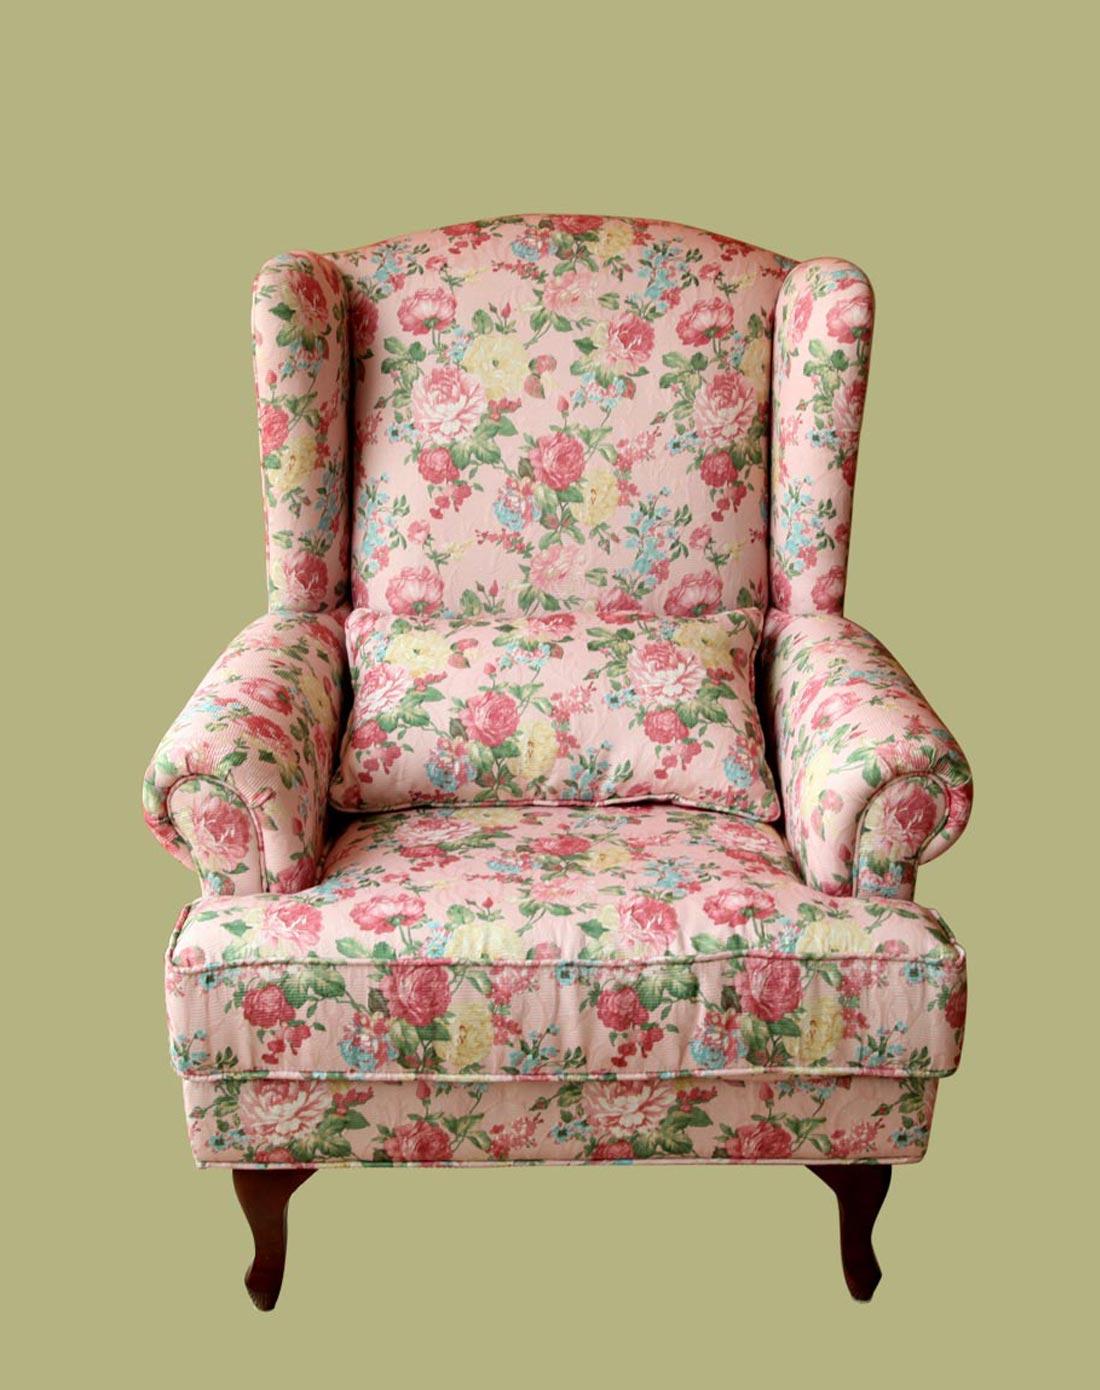 鱼西美屋专场粉底花纹高档布艺欧式老虎椅单人沙发